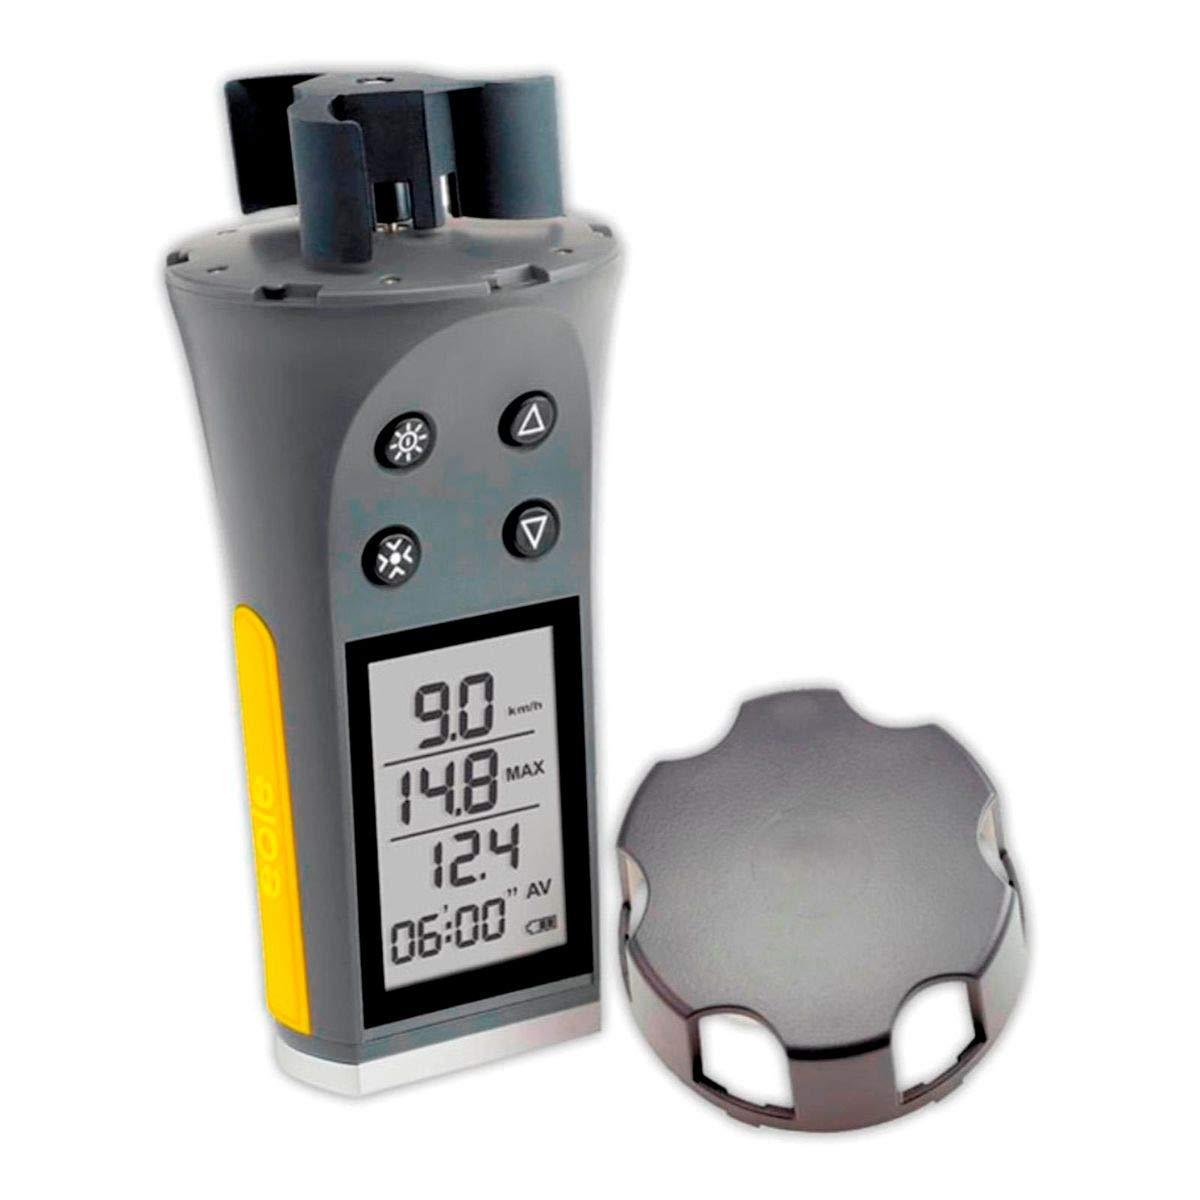 Anemometro portatile Skywatch Eole-Meteos Osculati 29.801.16